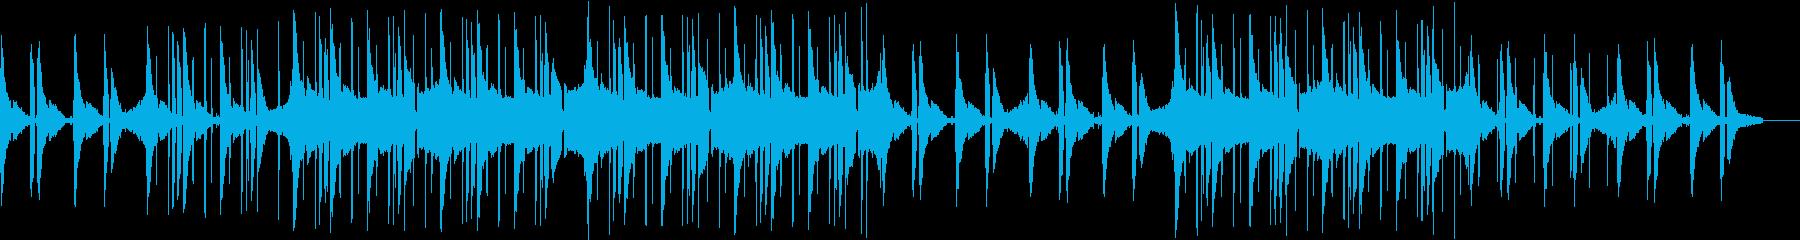 ヒップホップ・チル・ローファイ・カフェの再生済みの波形